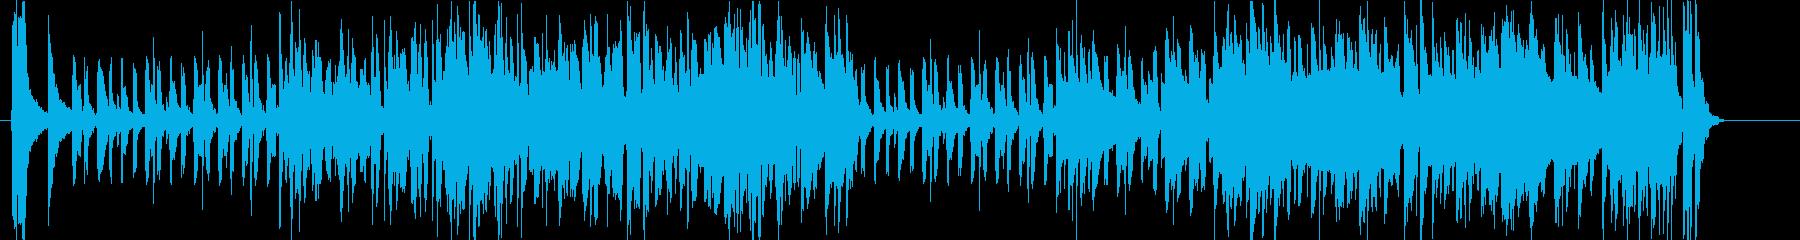 ほのぼの、平和なBGMの再生済みの波形